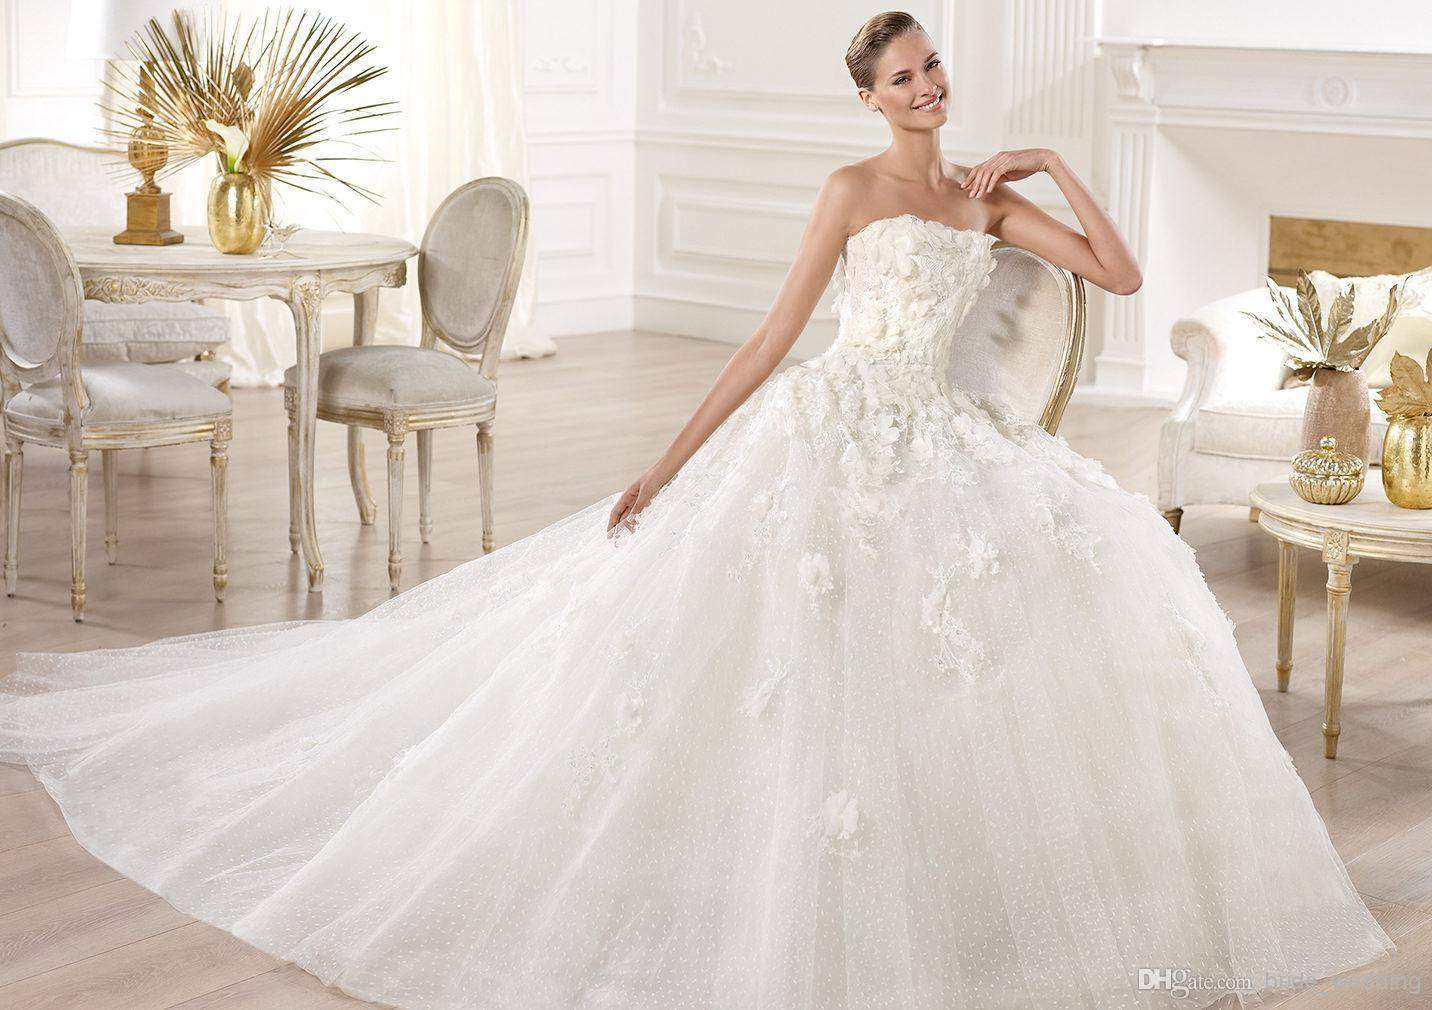 6 dicas para escolher o vestido de noiva perfeito